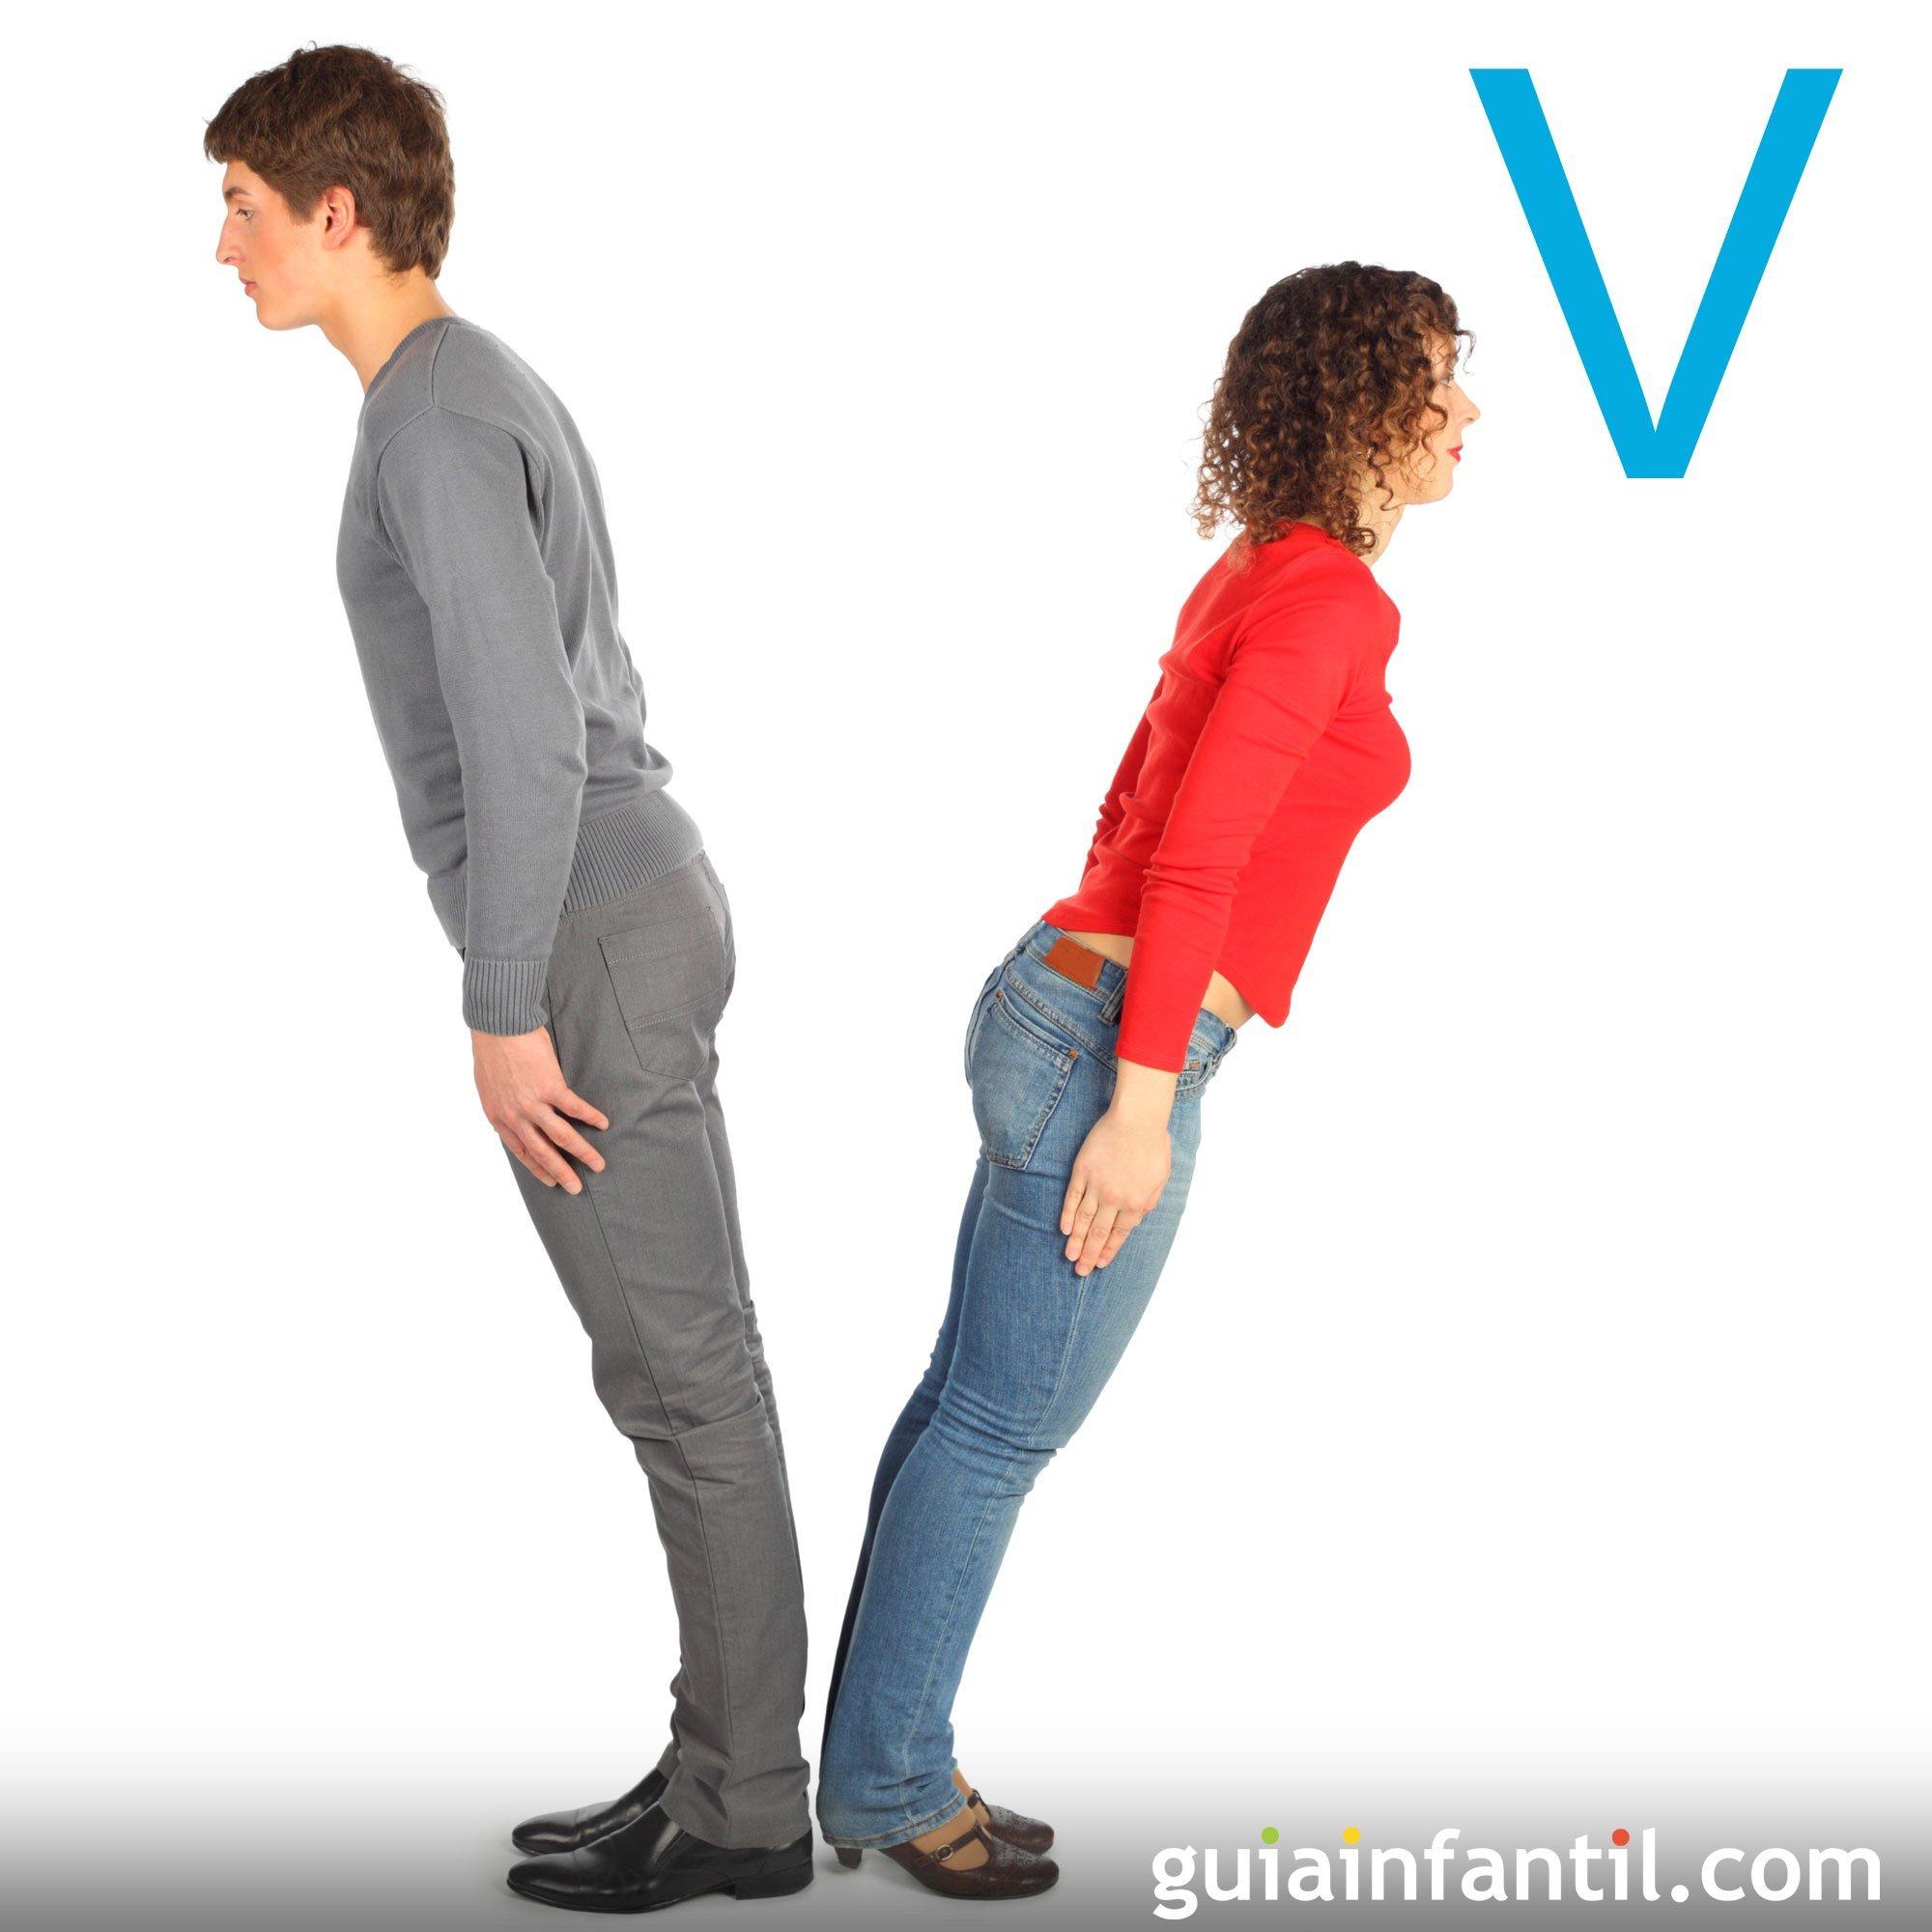 Cómo hacer la letra V con el cuerpo